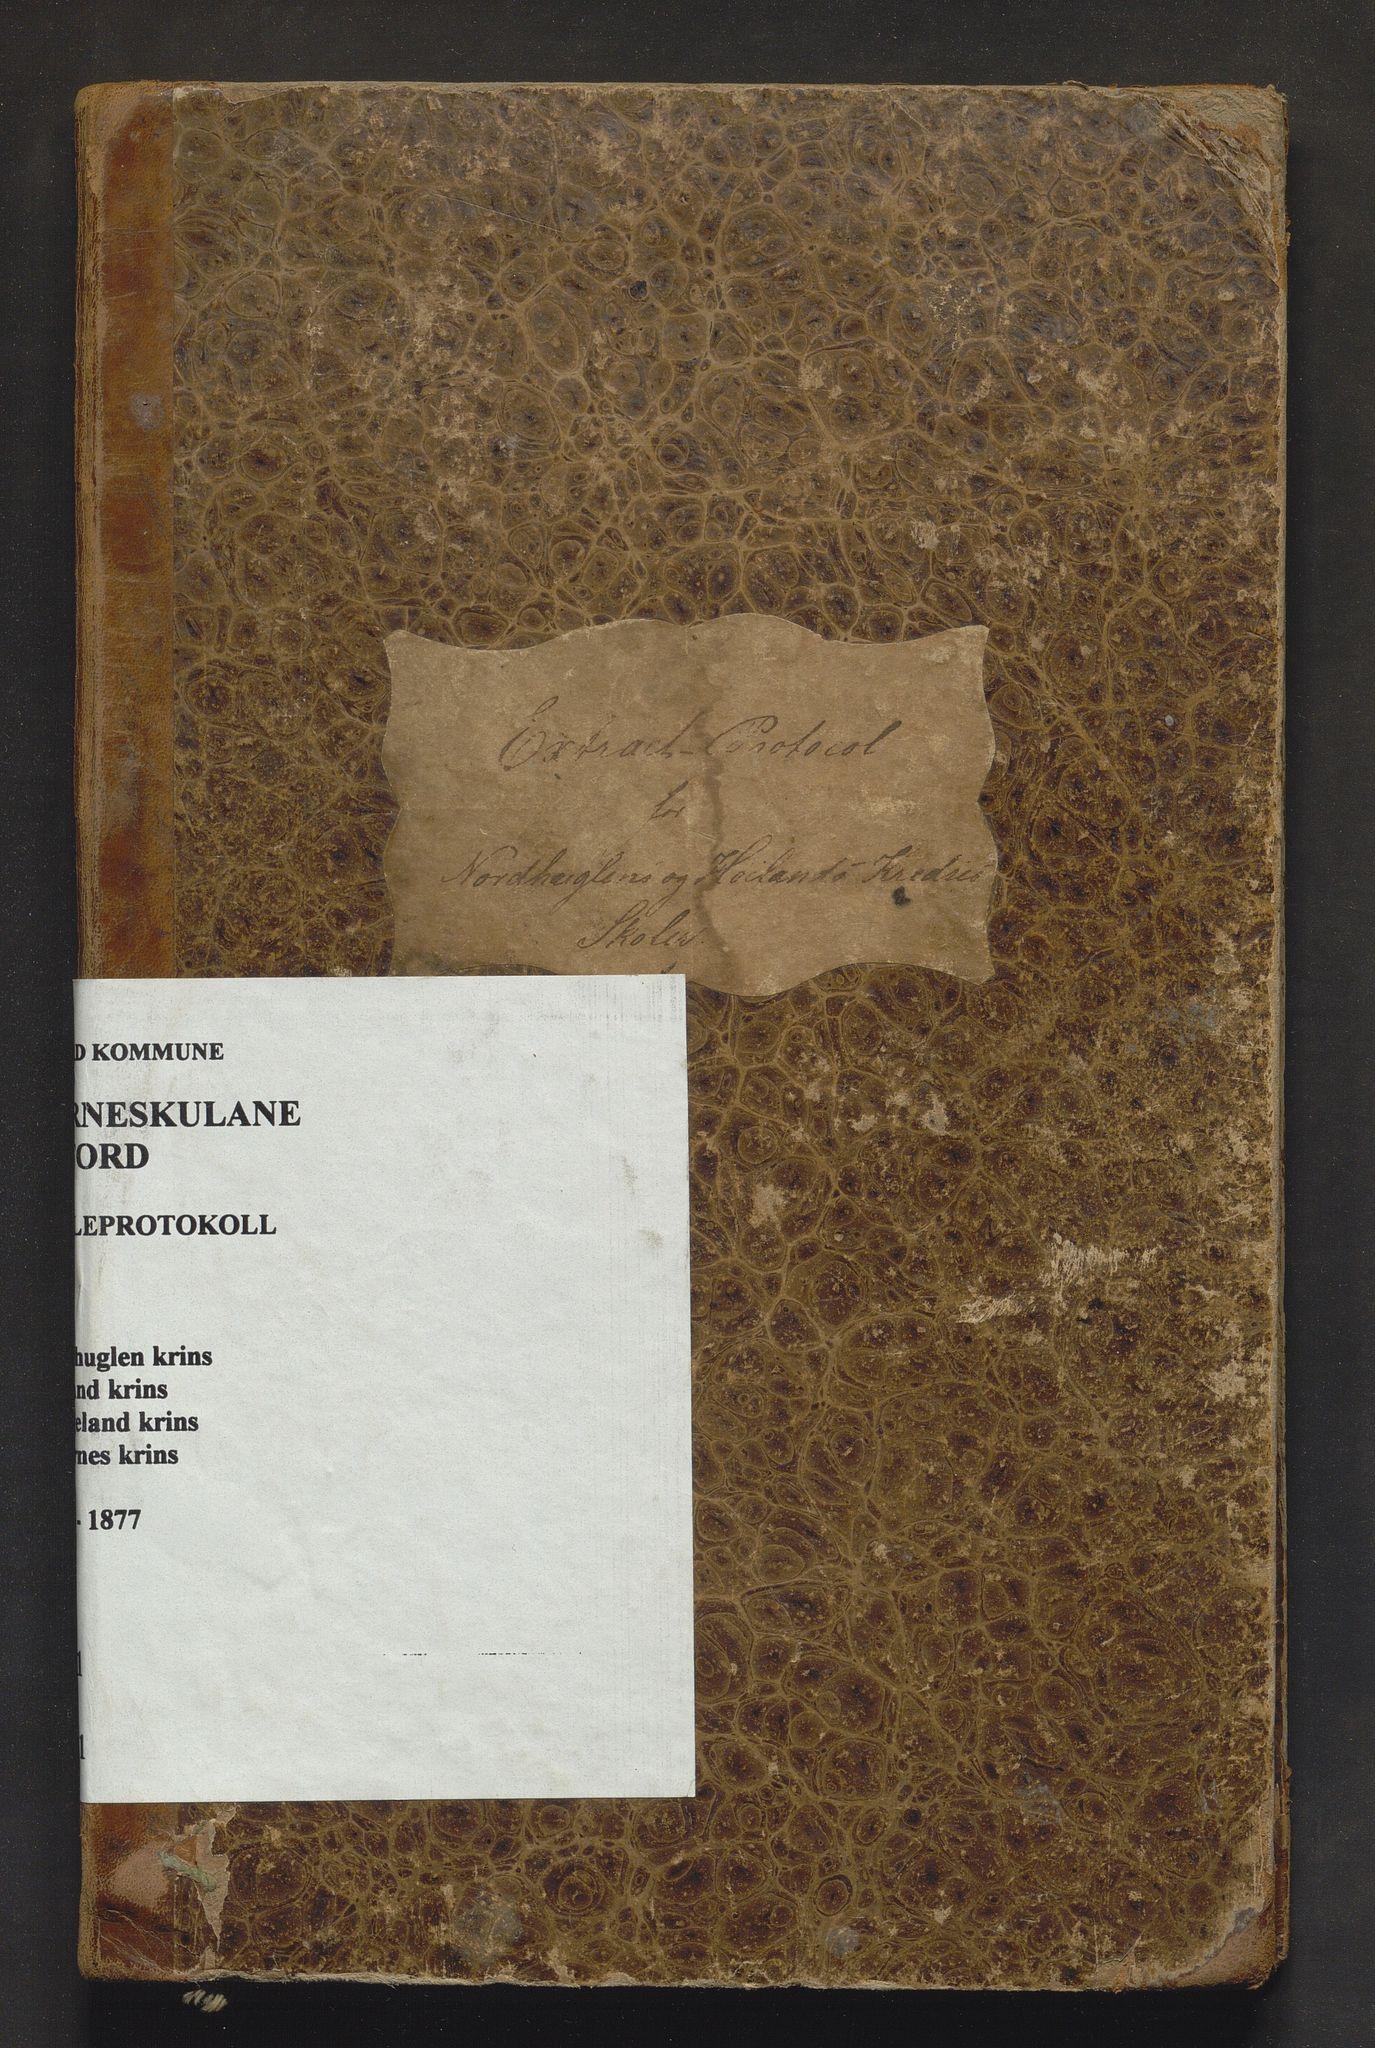 IKAH, Stord kommune. Barneskulane, F/Fa/L0001: Skuleprotokoll for Nordhuglen, Høiland, Langeland og Digernes krinsar, 1863-1877